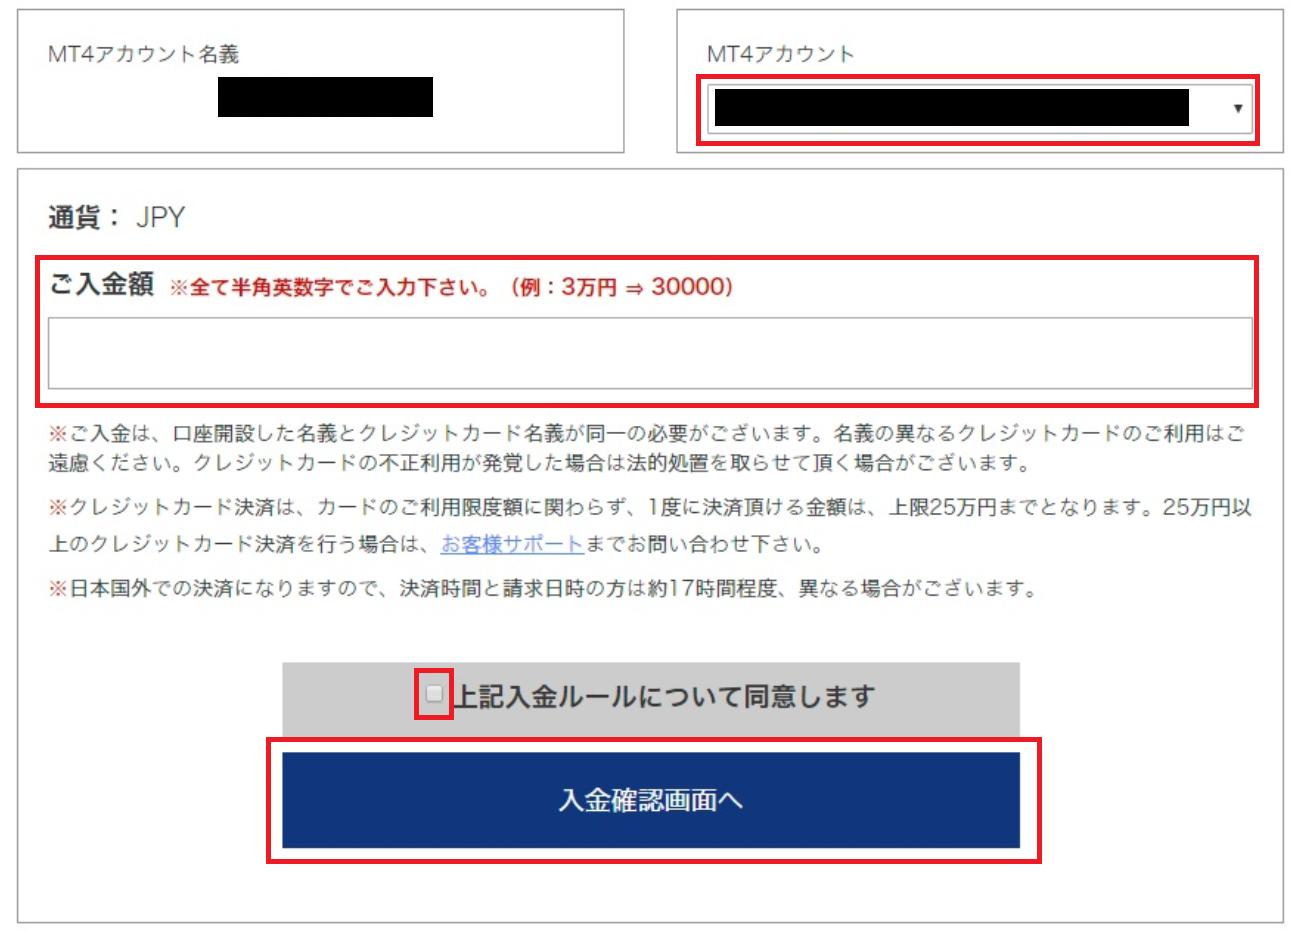 is6com クレジットカード 確認